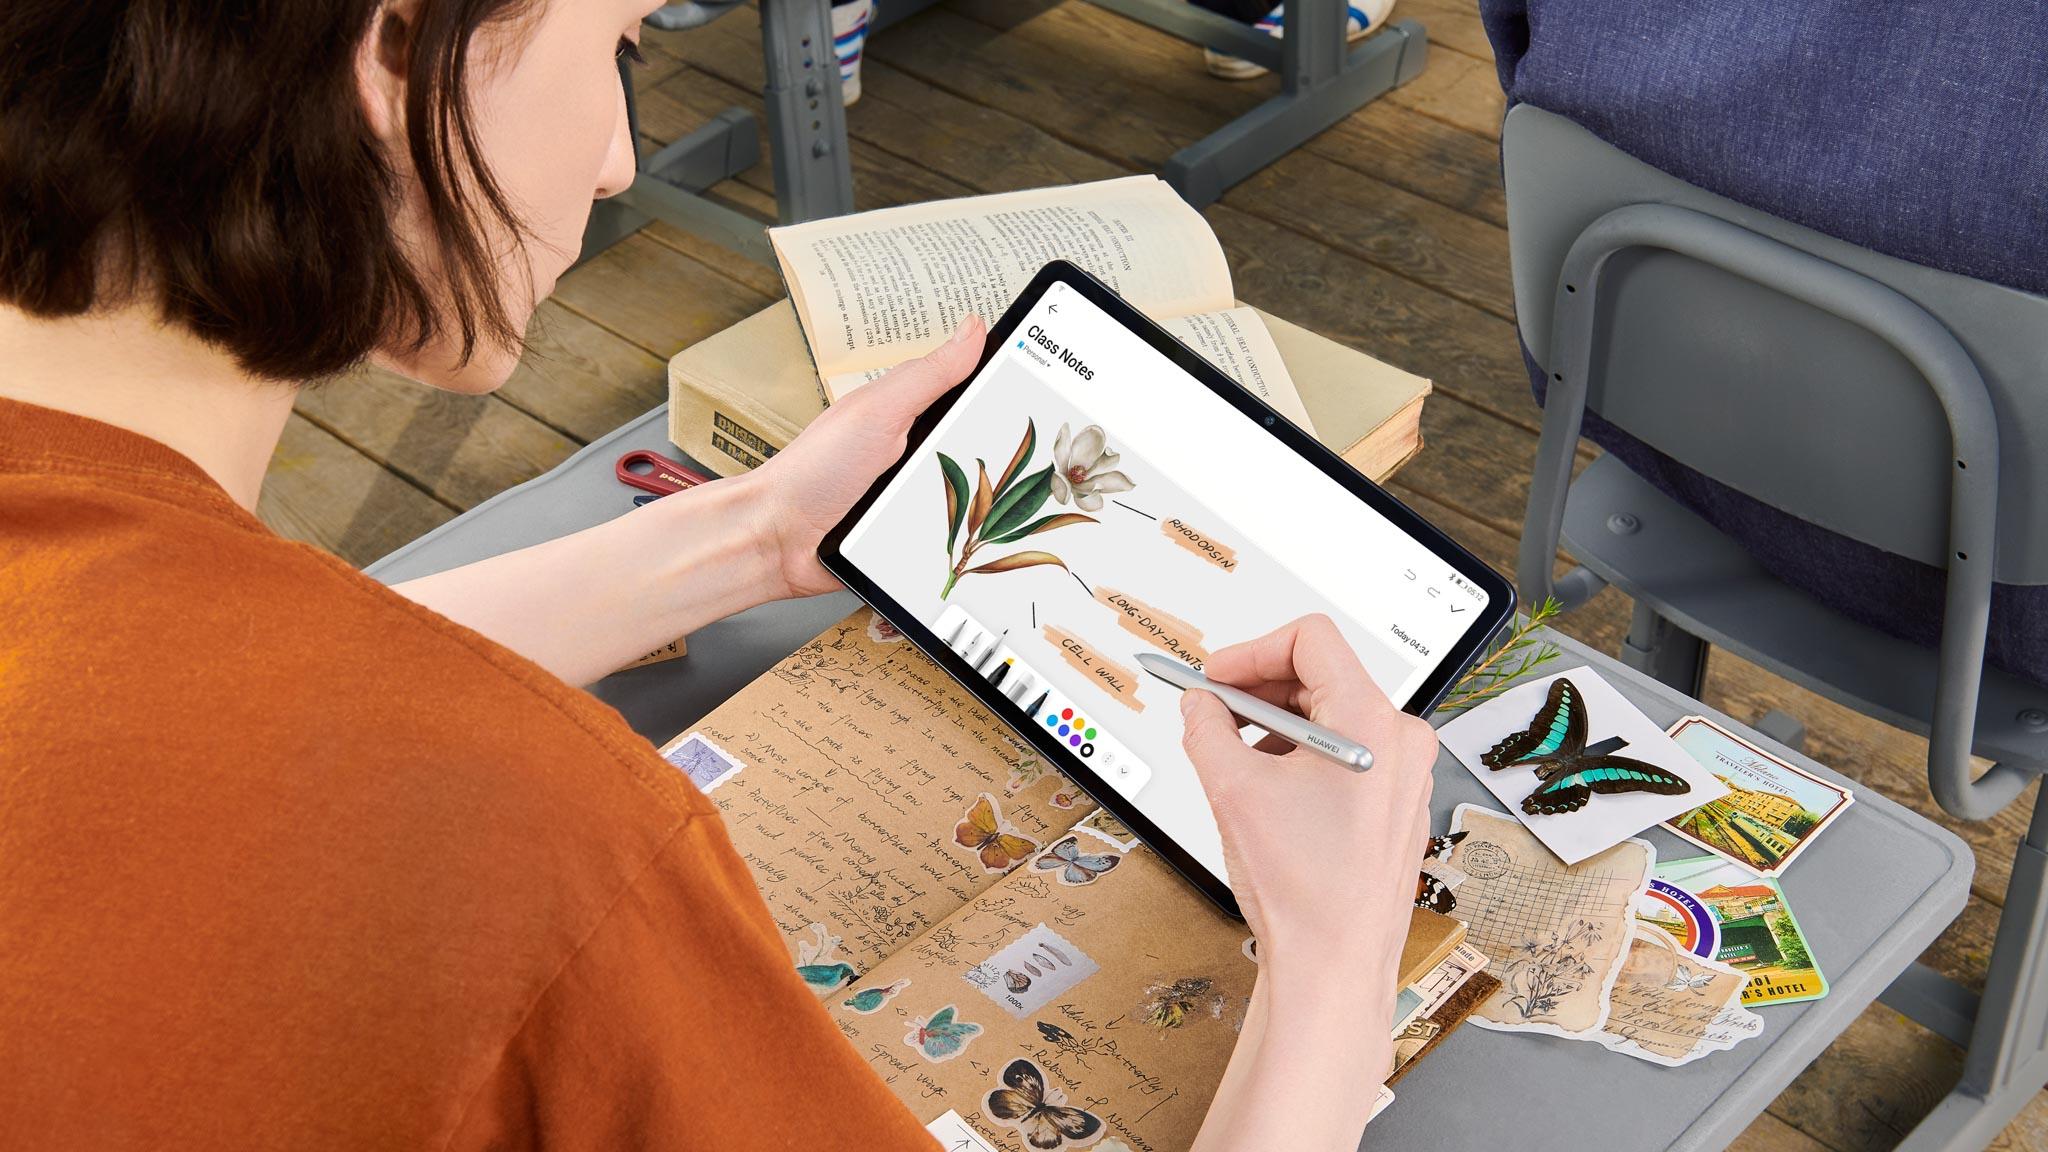 Huawei ra mắt MatePad và MatePad T10s tại Việt Nam